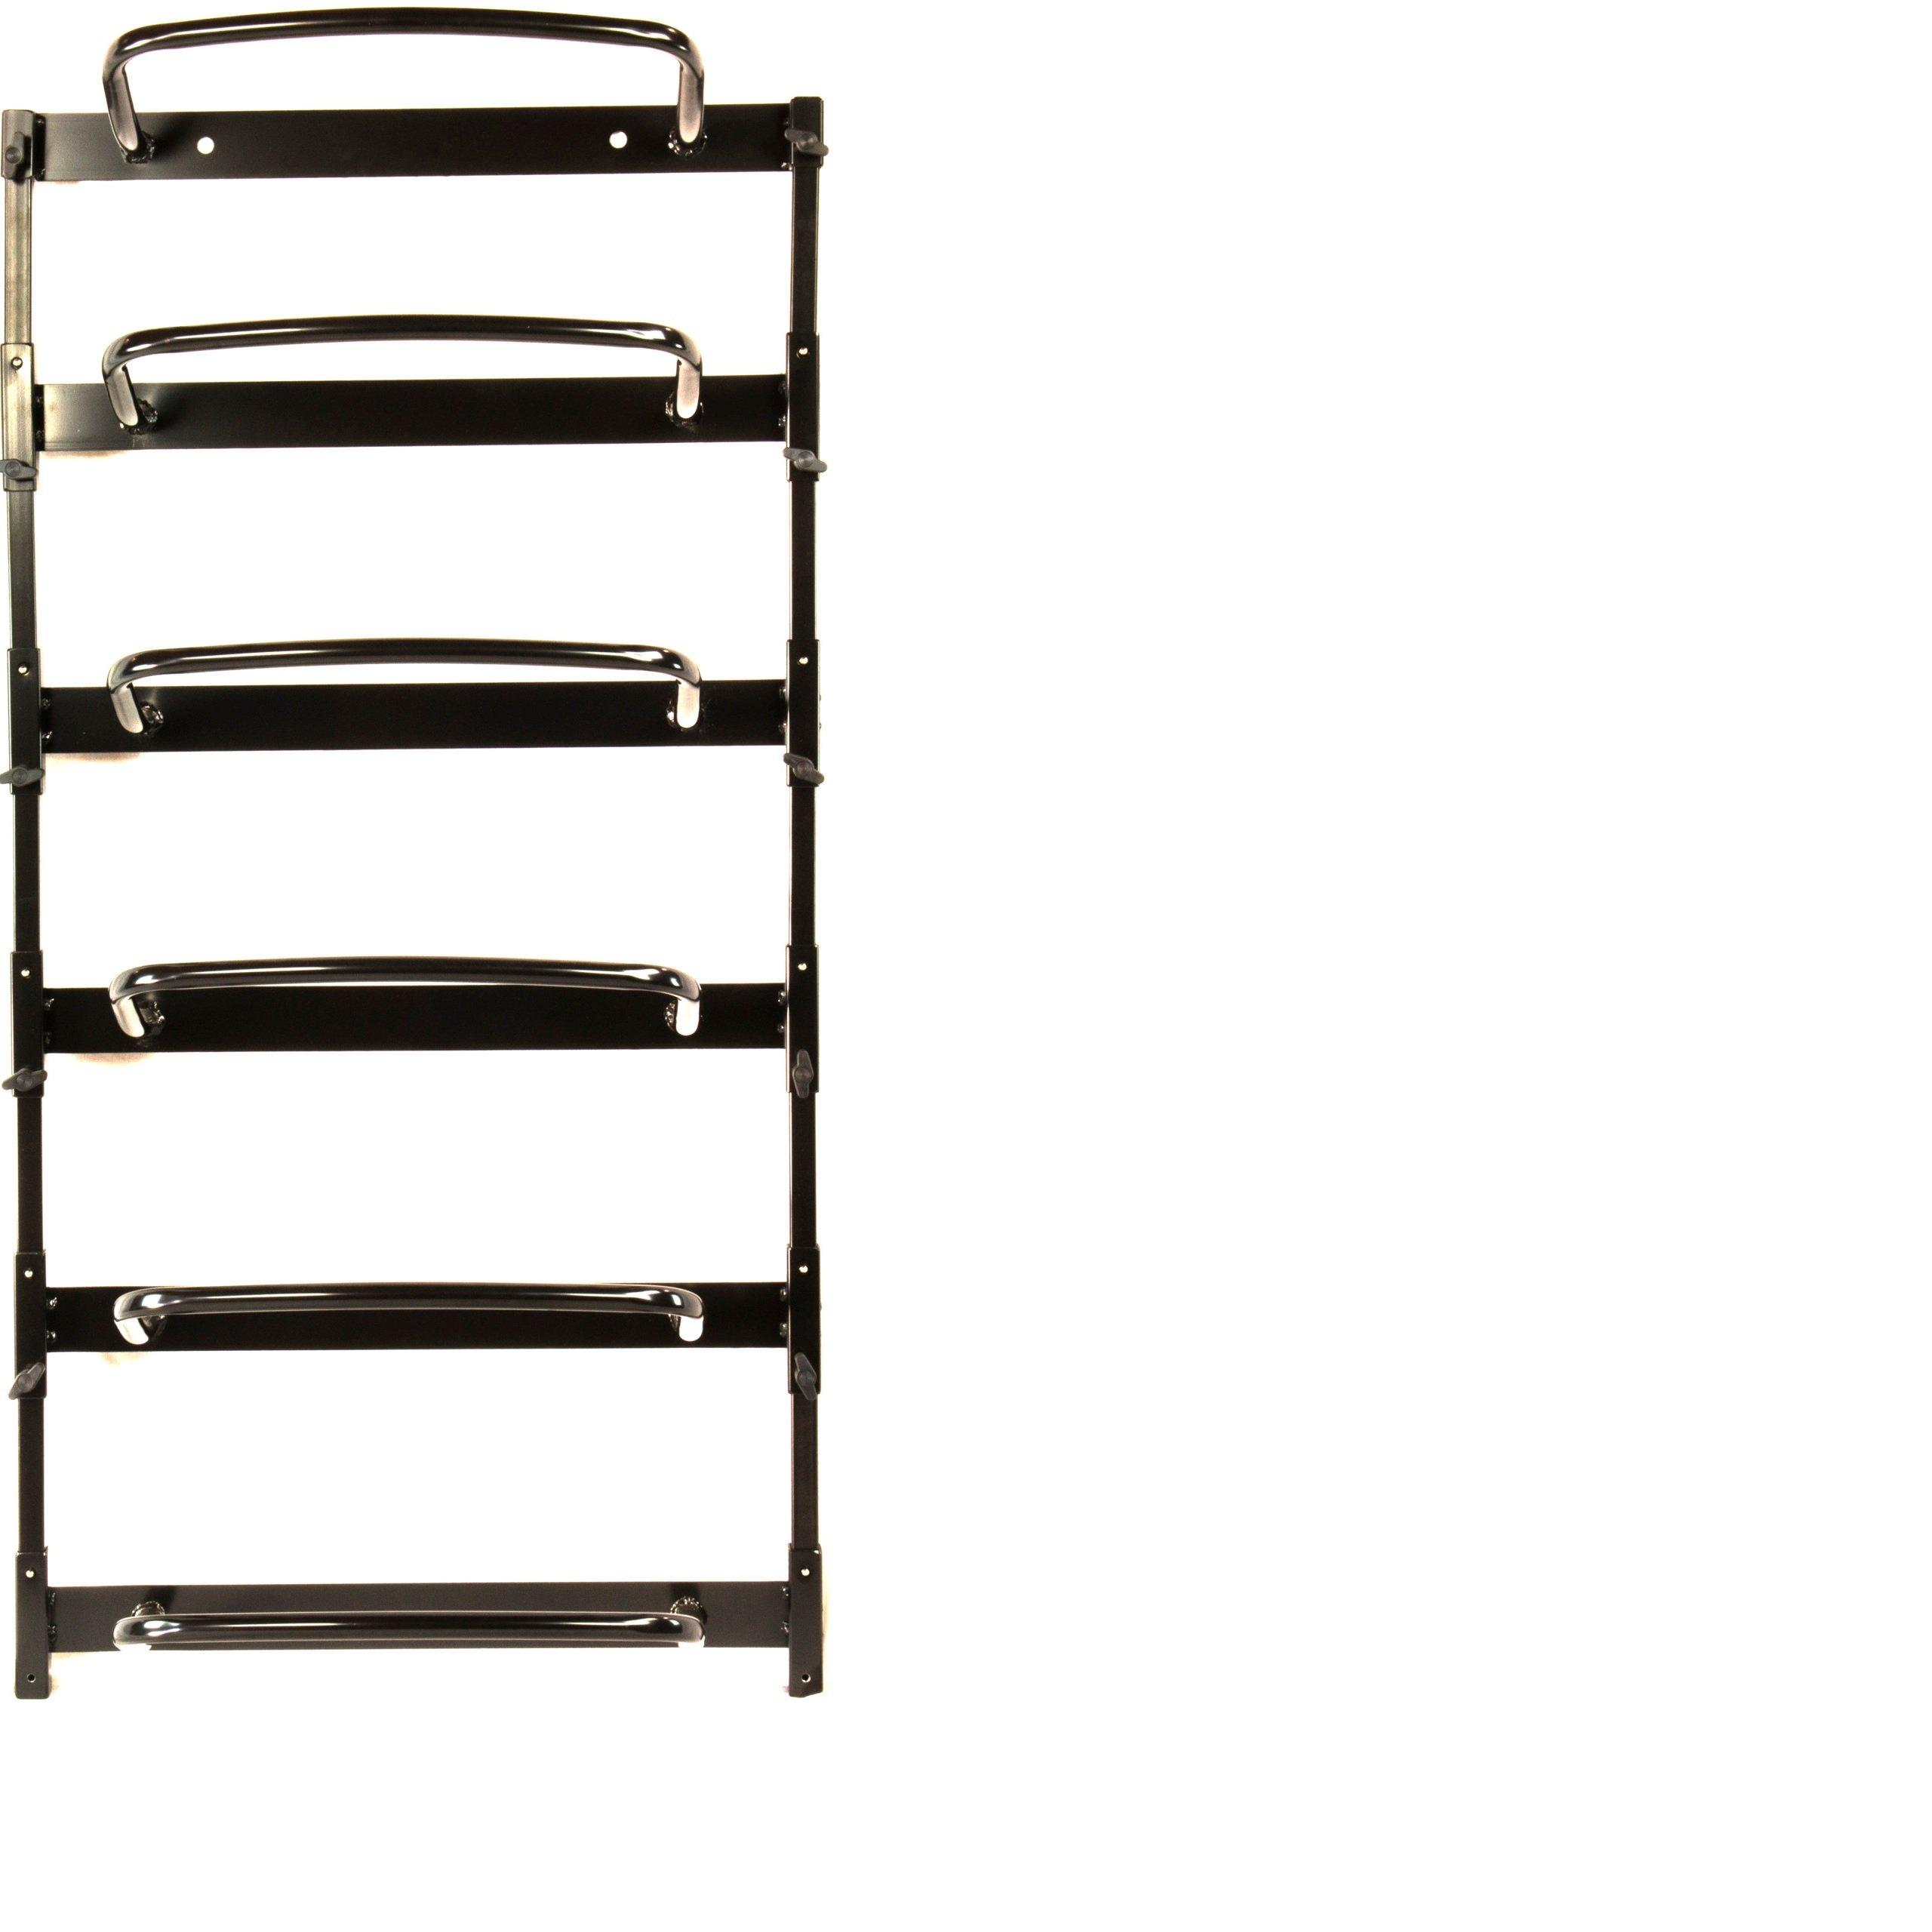 Foam Roller Rack in Black (6 pcs - Foam Roller Rack)